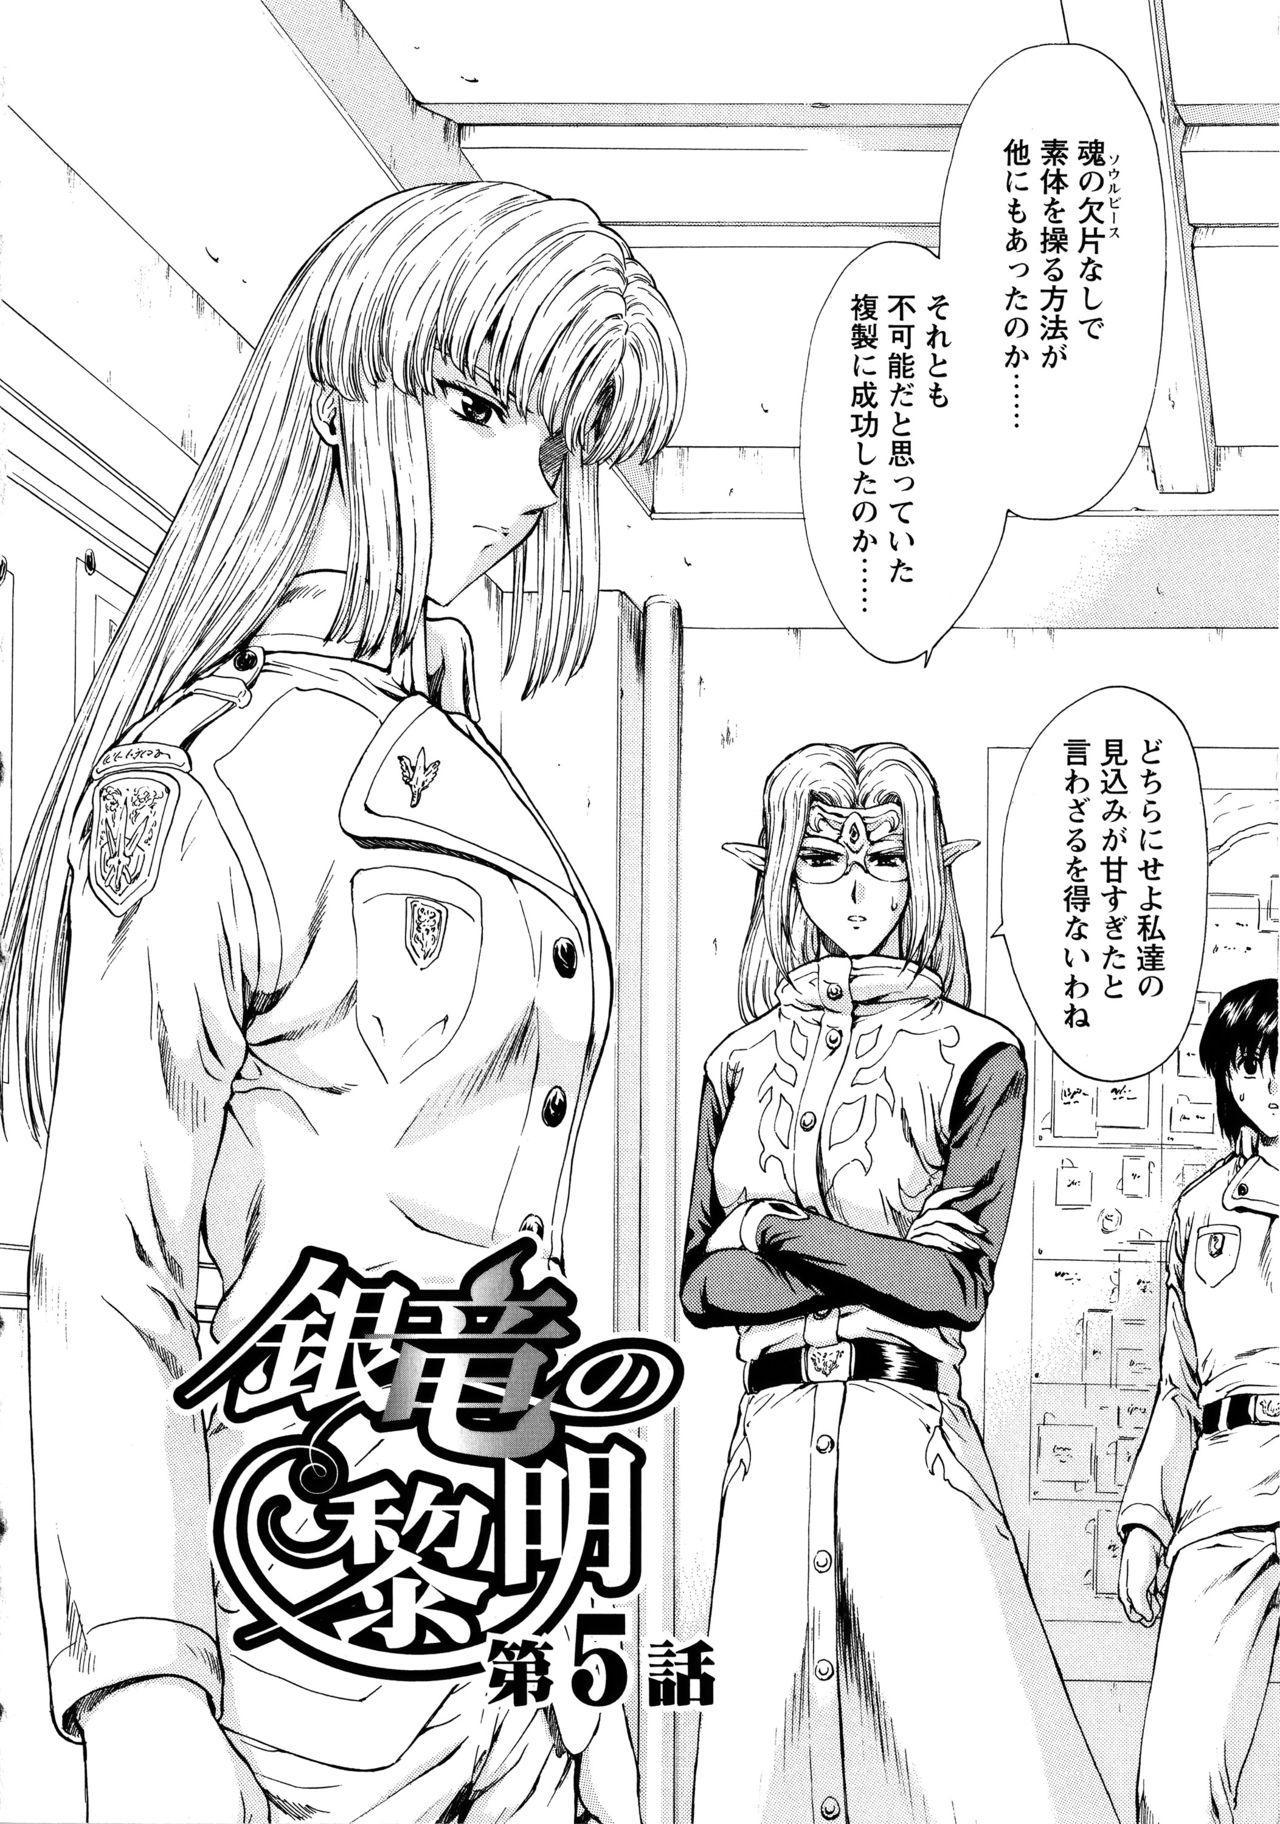 Ginryuu no Reimei Vol. 1 95